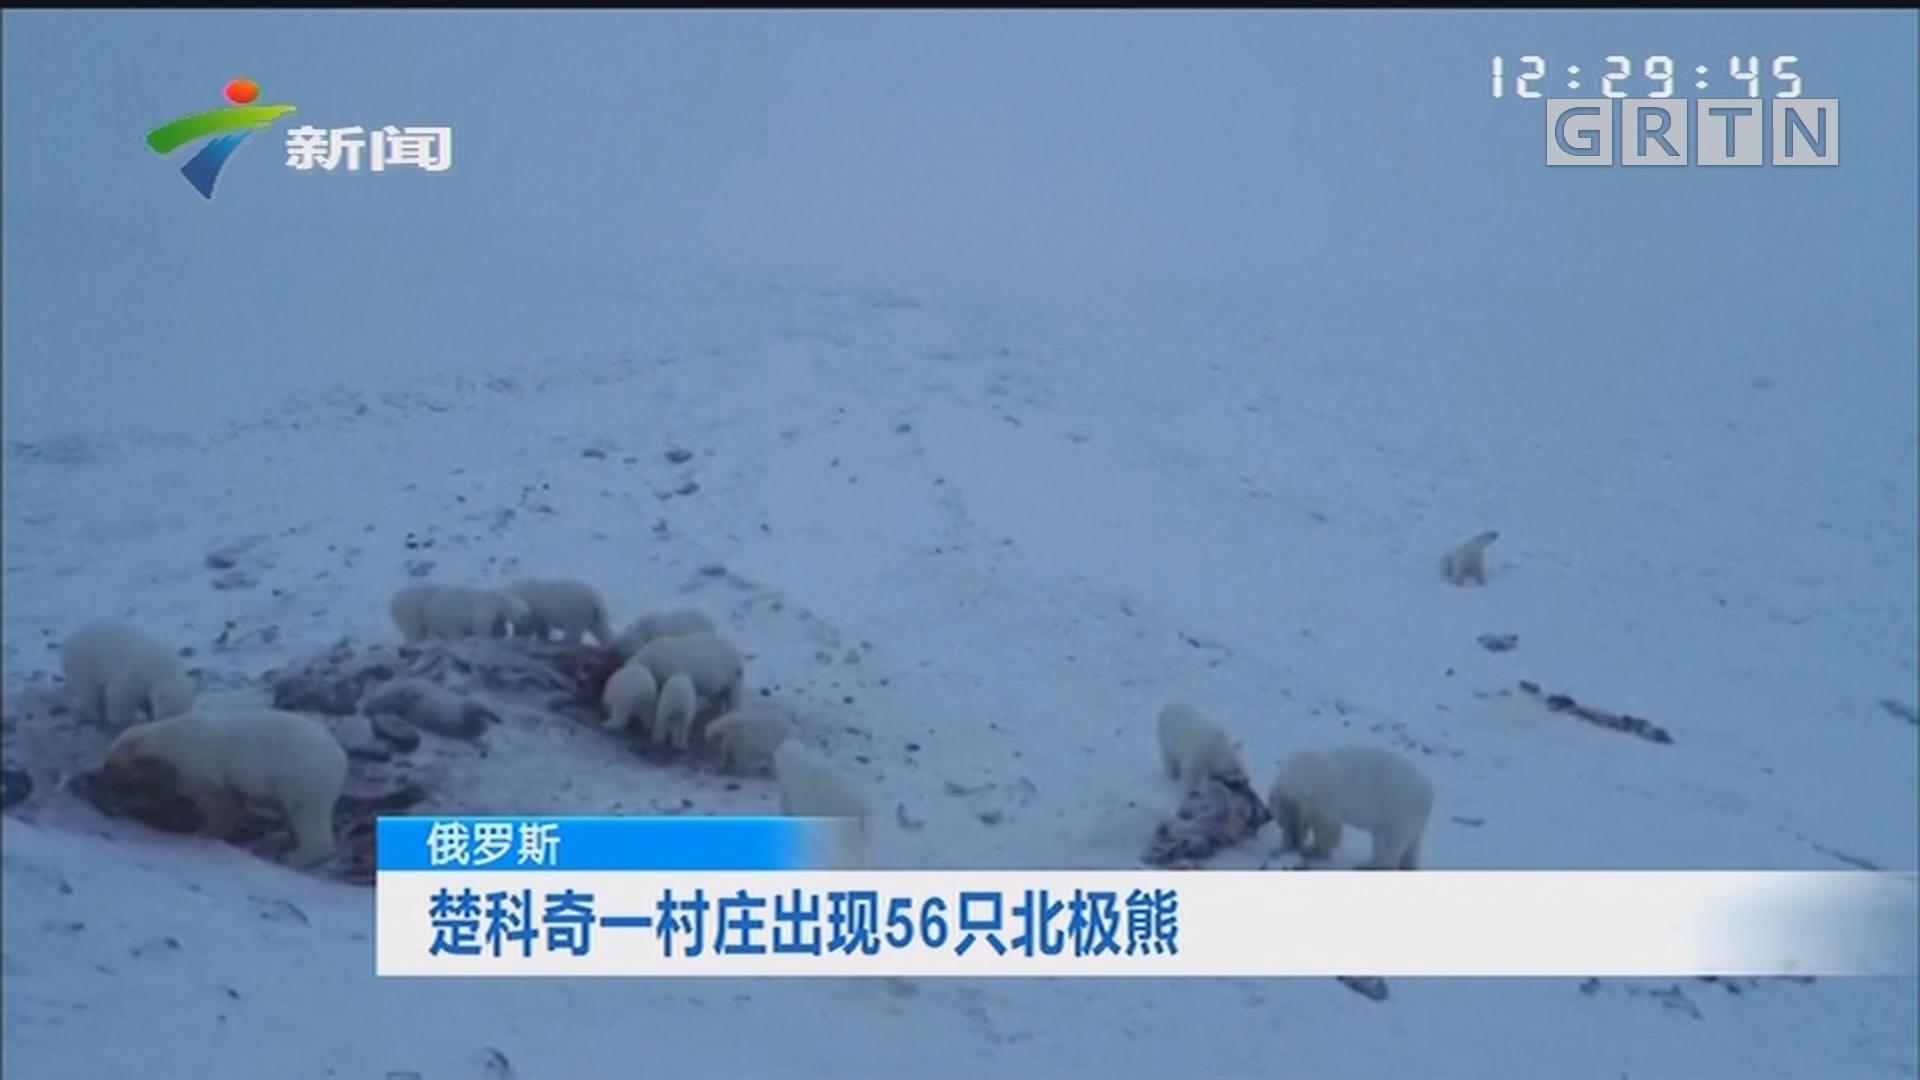 俄罗斯:楚科奇一村庄出现56只北极熊